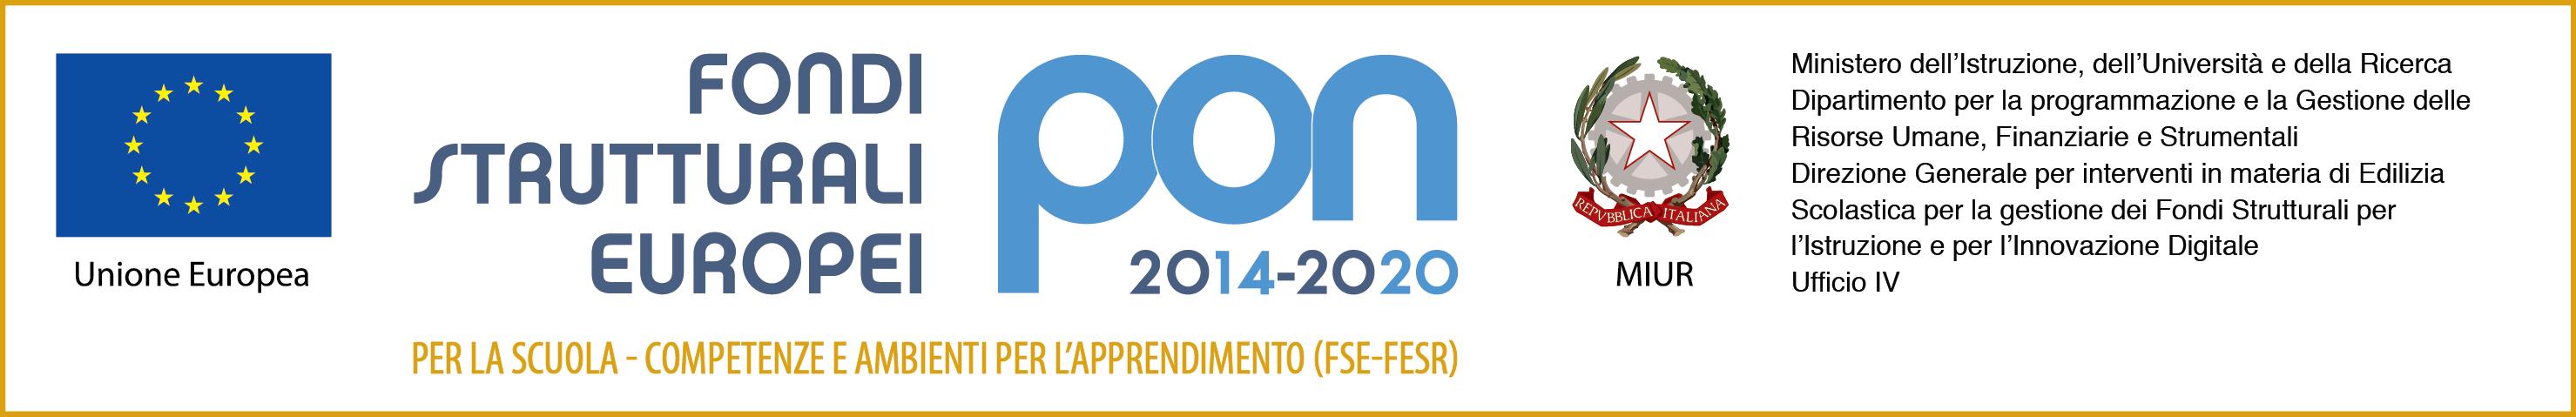 PON 2014-2020 (fse+fesr)